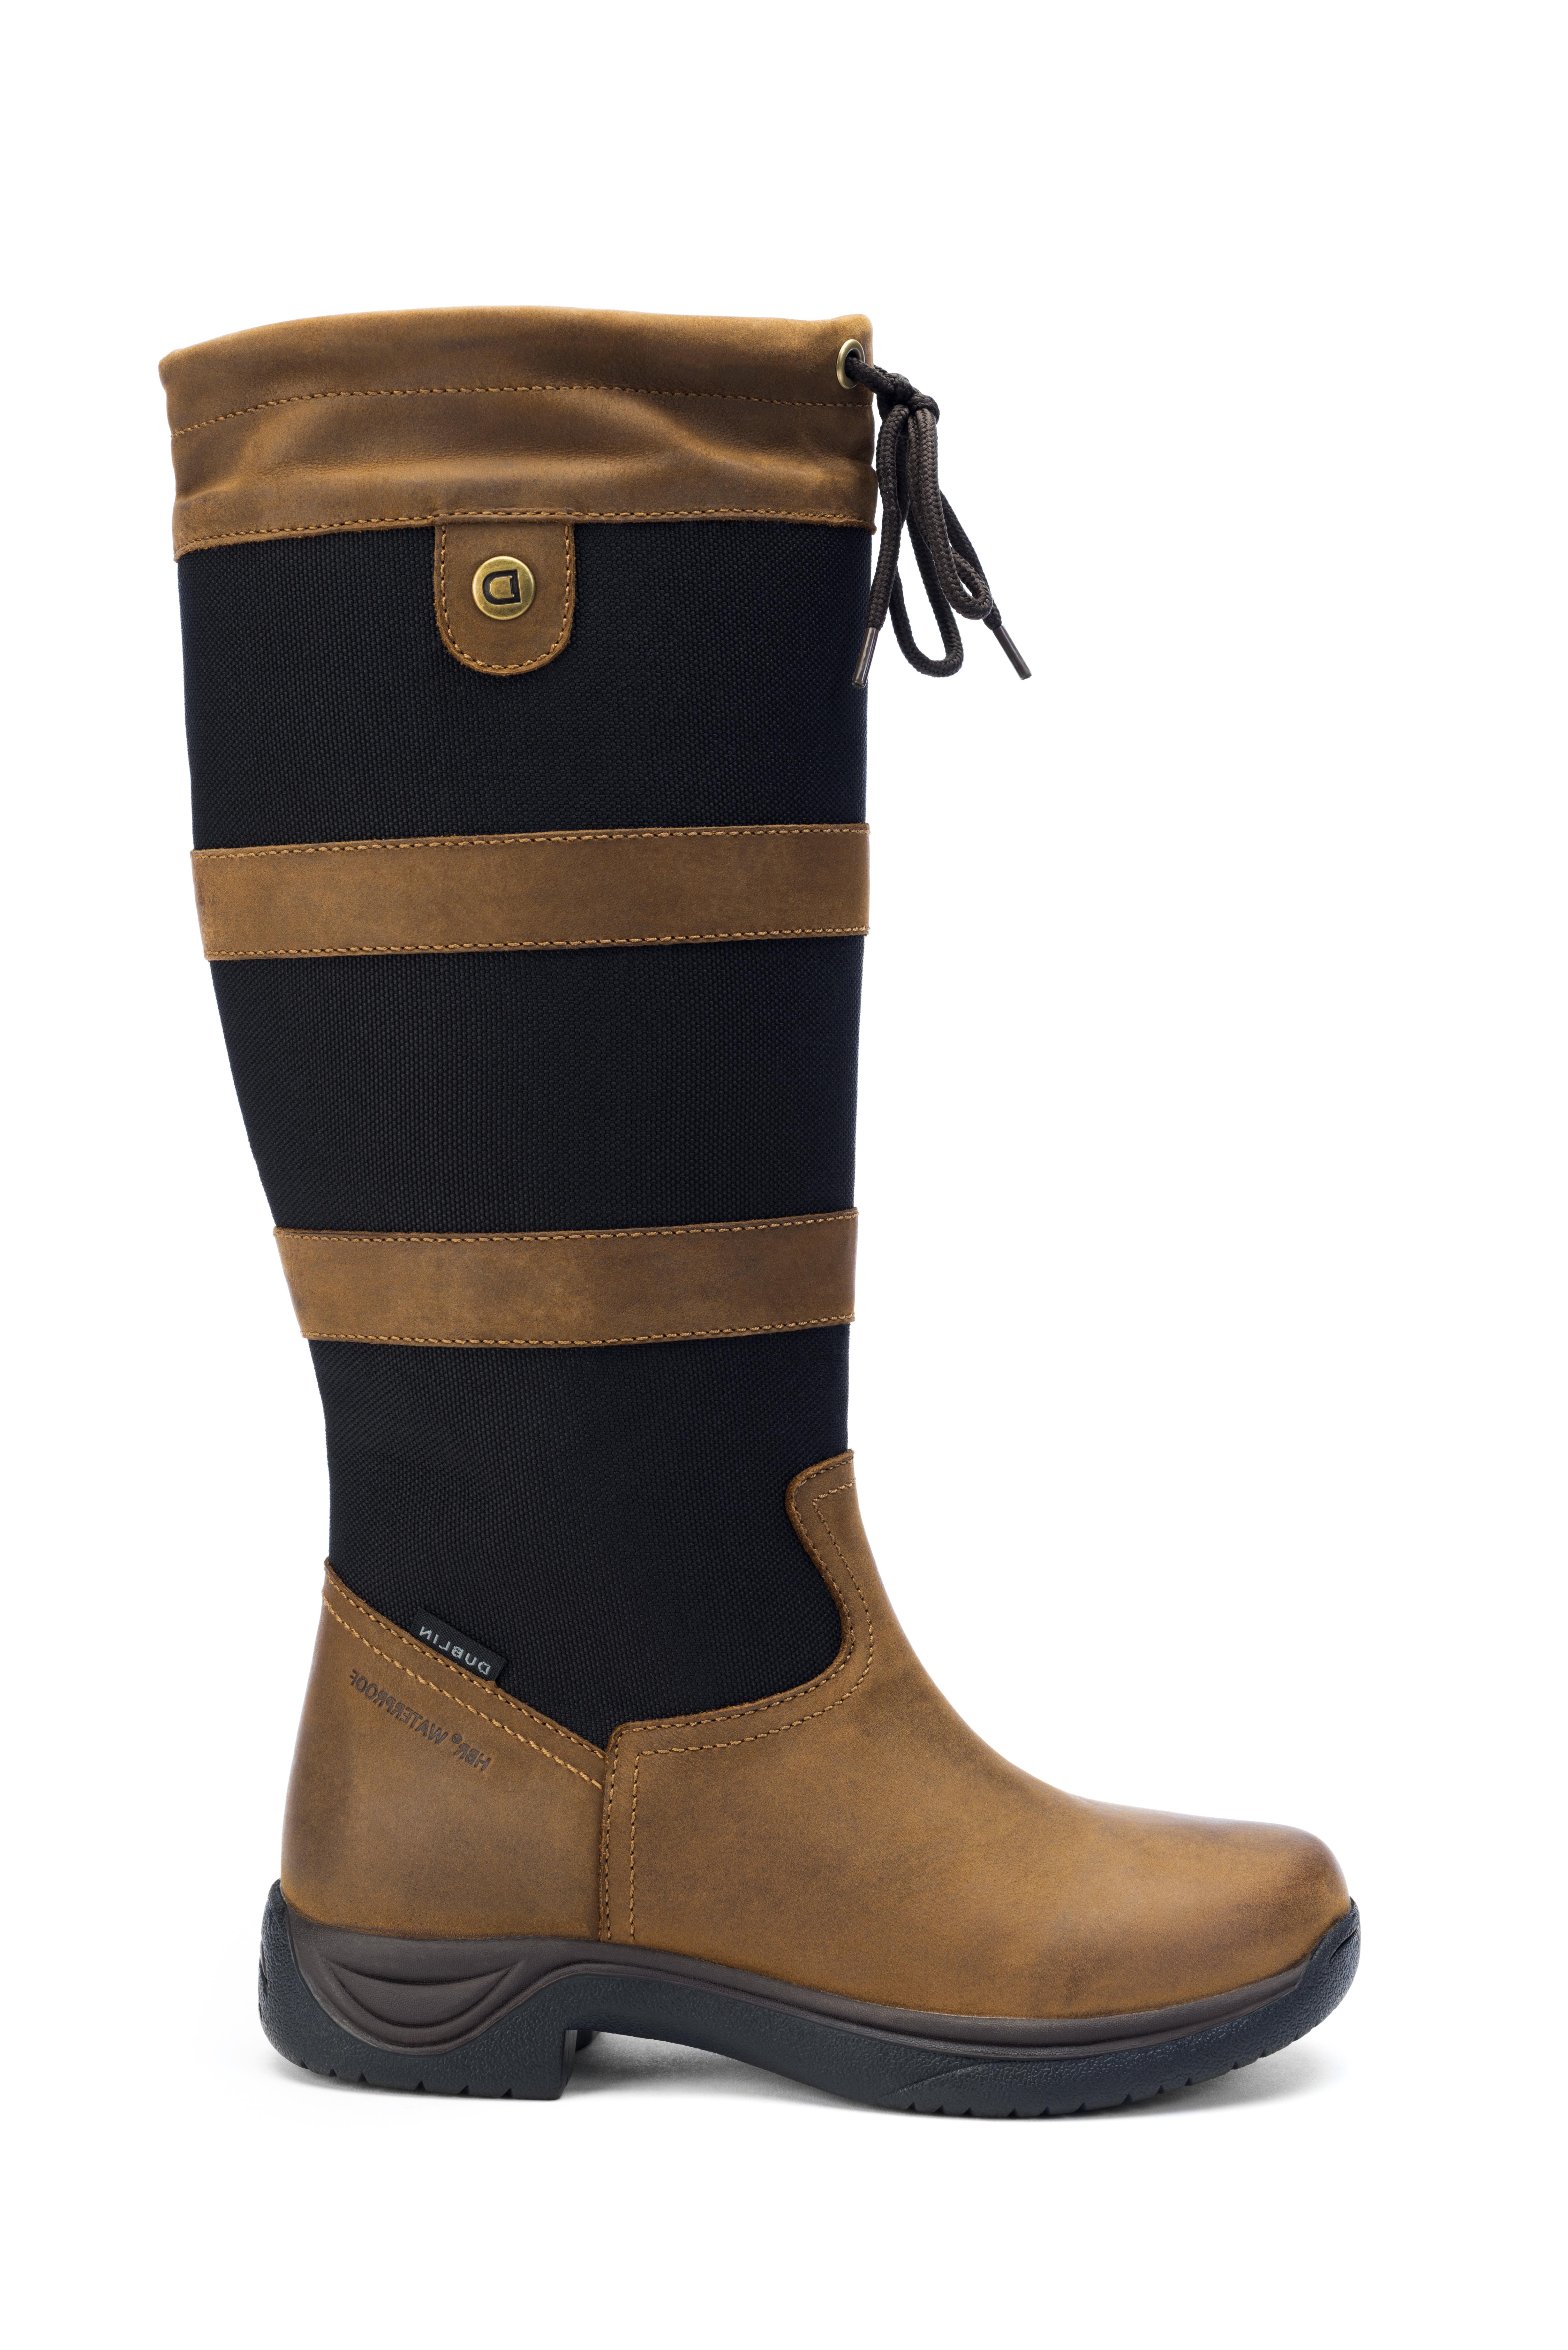 Dublin Ladies' Ria Boots